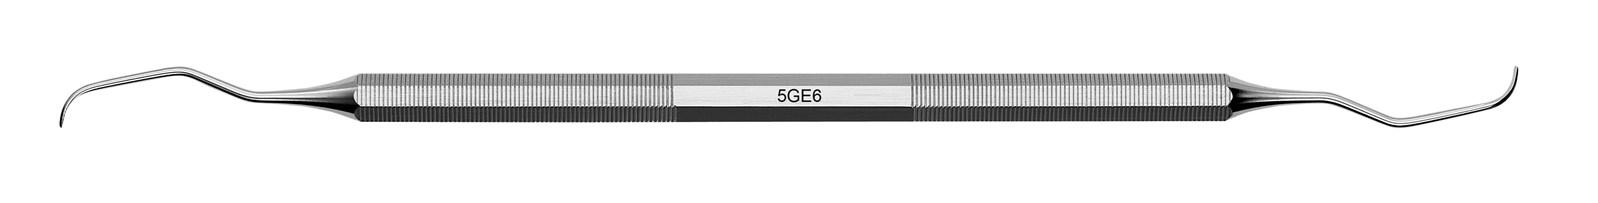 Kyreta Gracey Classic - 5GE6, ADEP silikonový návlek tmavě modrý